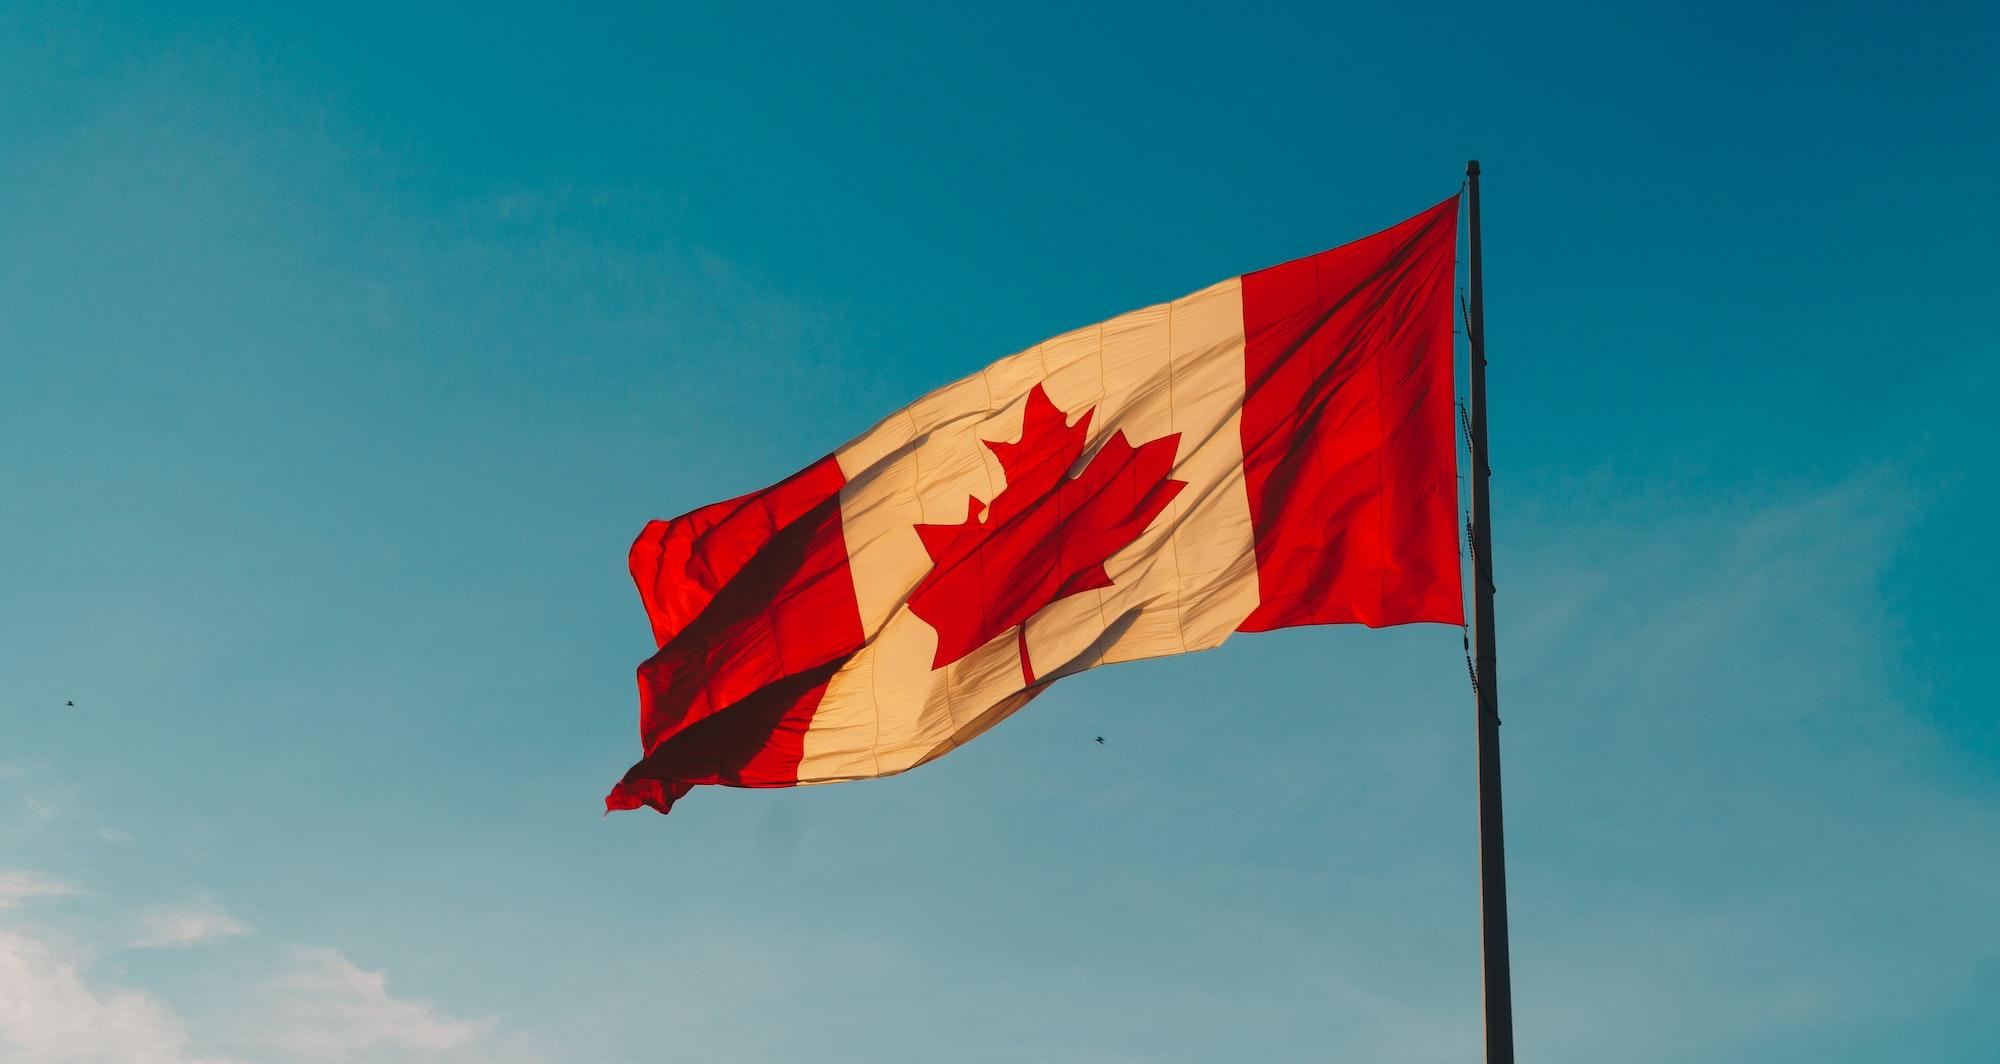 加拿大放宽多项边境限制措施 9月7日起 国际旅客可入境